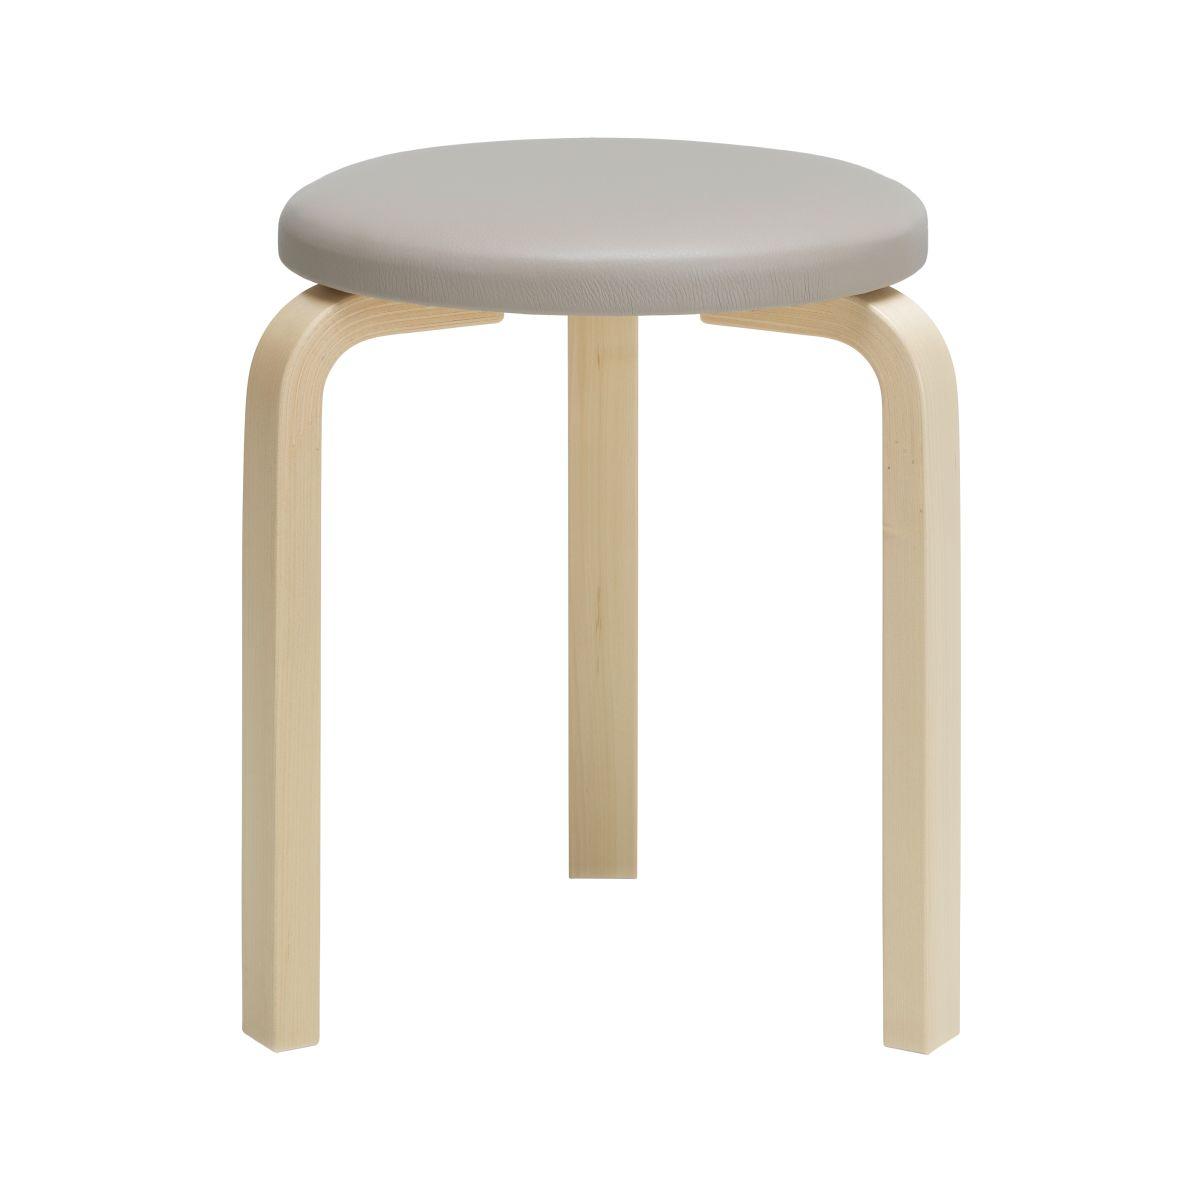 Groovy Artek Stool 60 Inzonedesignstudio Interior Chair Design Inzonedesignstudiocom